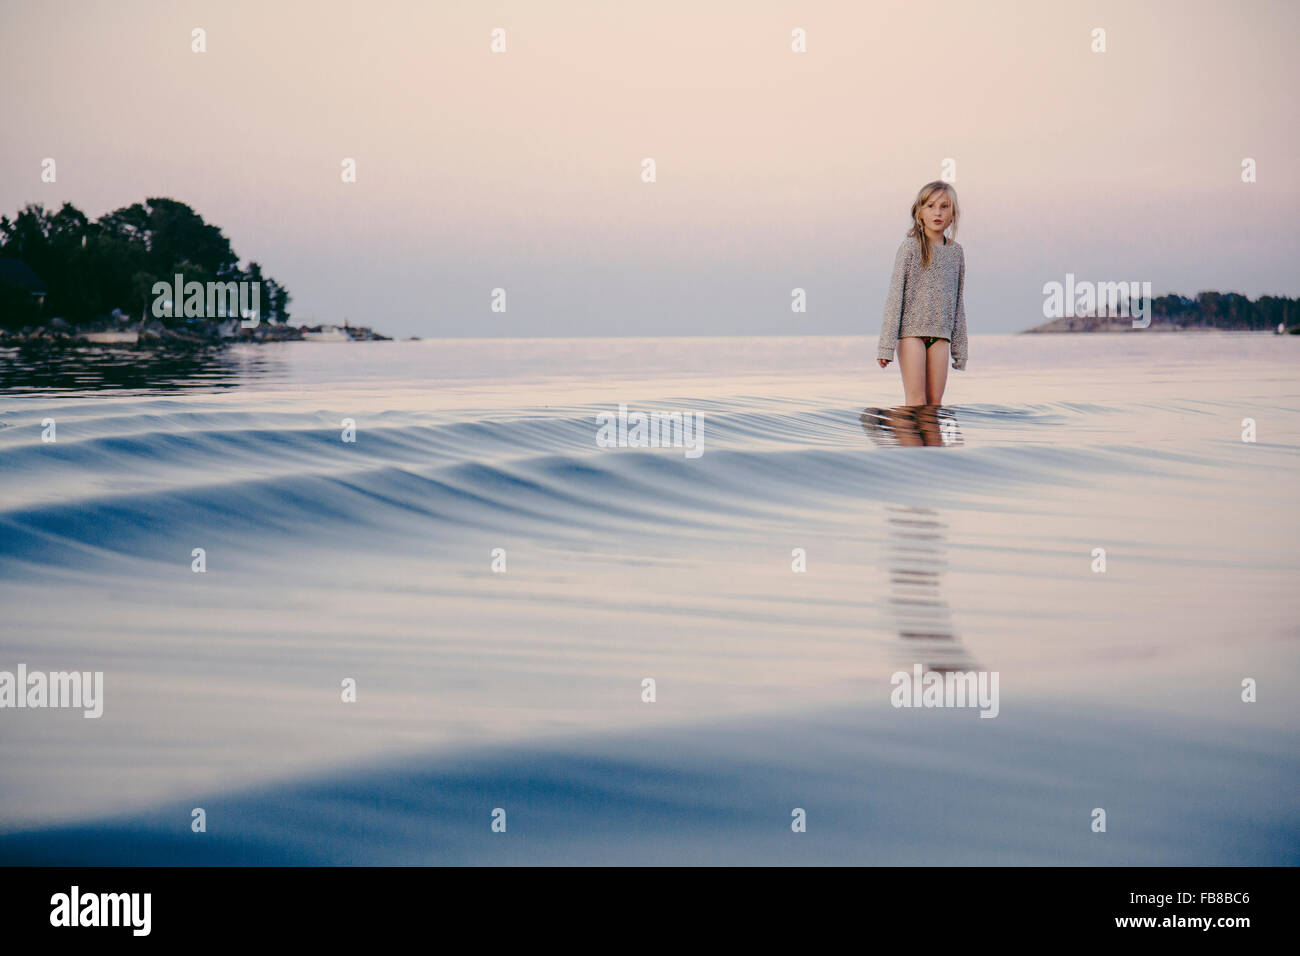 Sweden, Medelpad, Sundsvall, Juniskar, Girl (8-9) standing in water Stock Photo